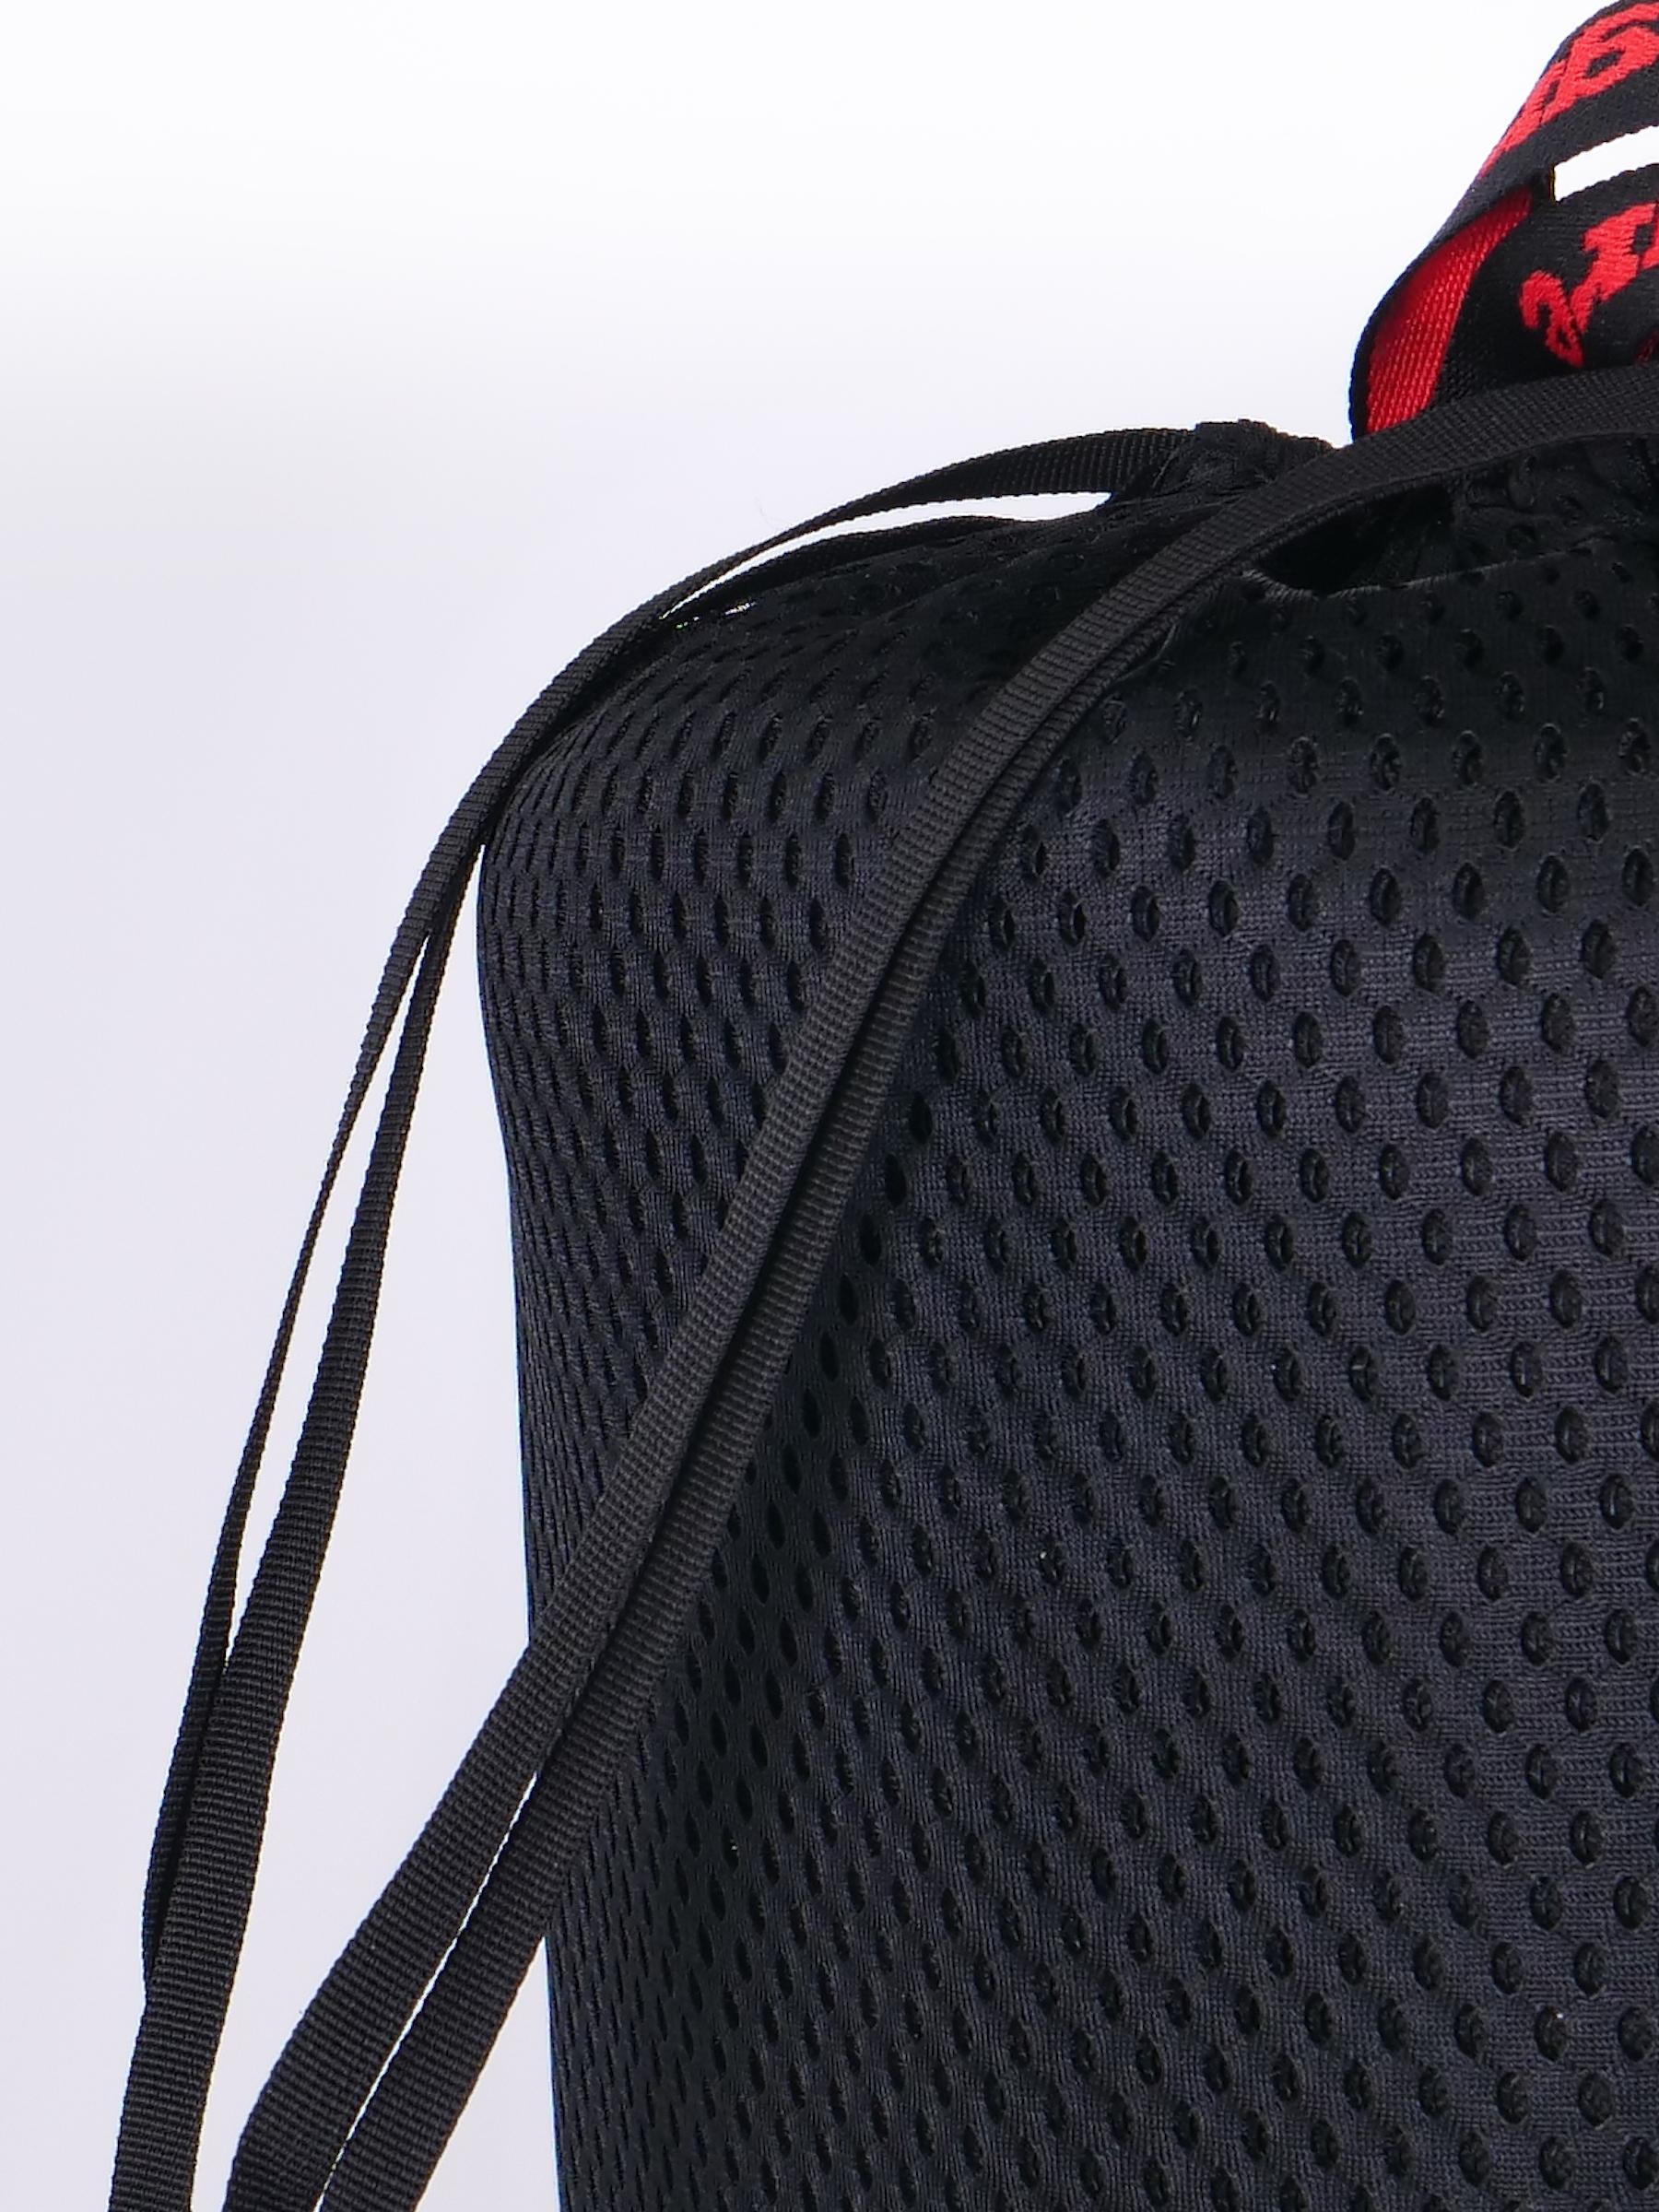 Stringbag Pro